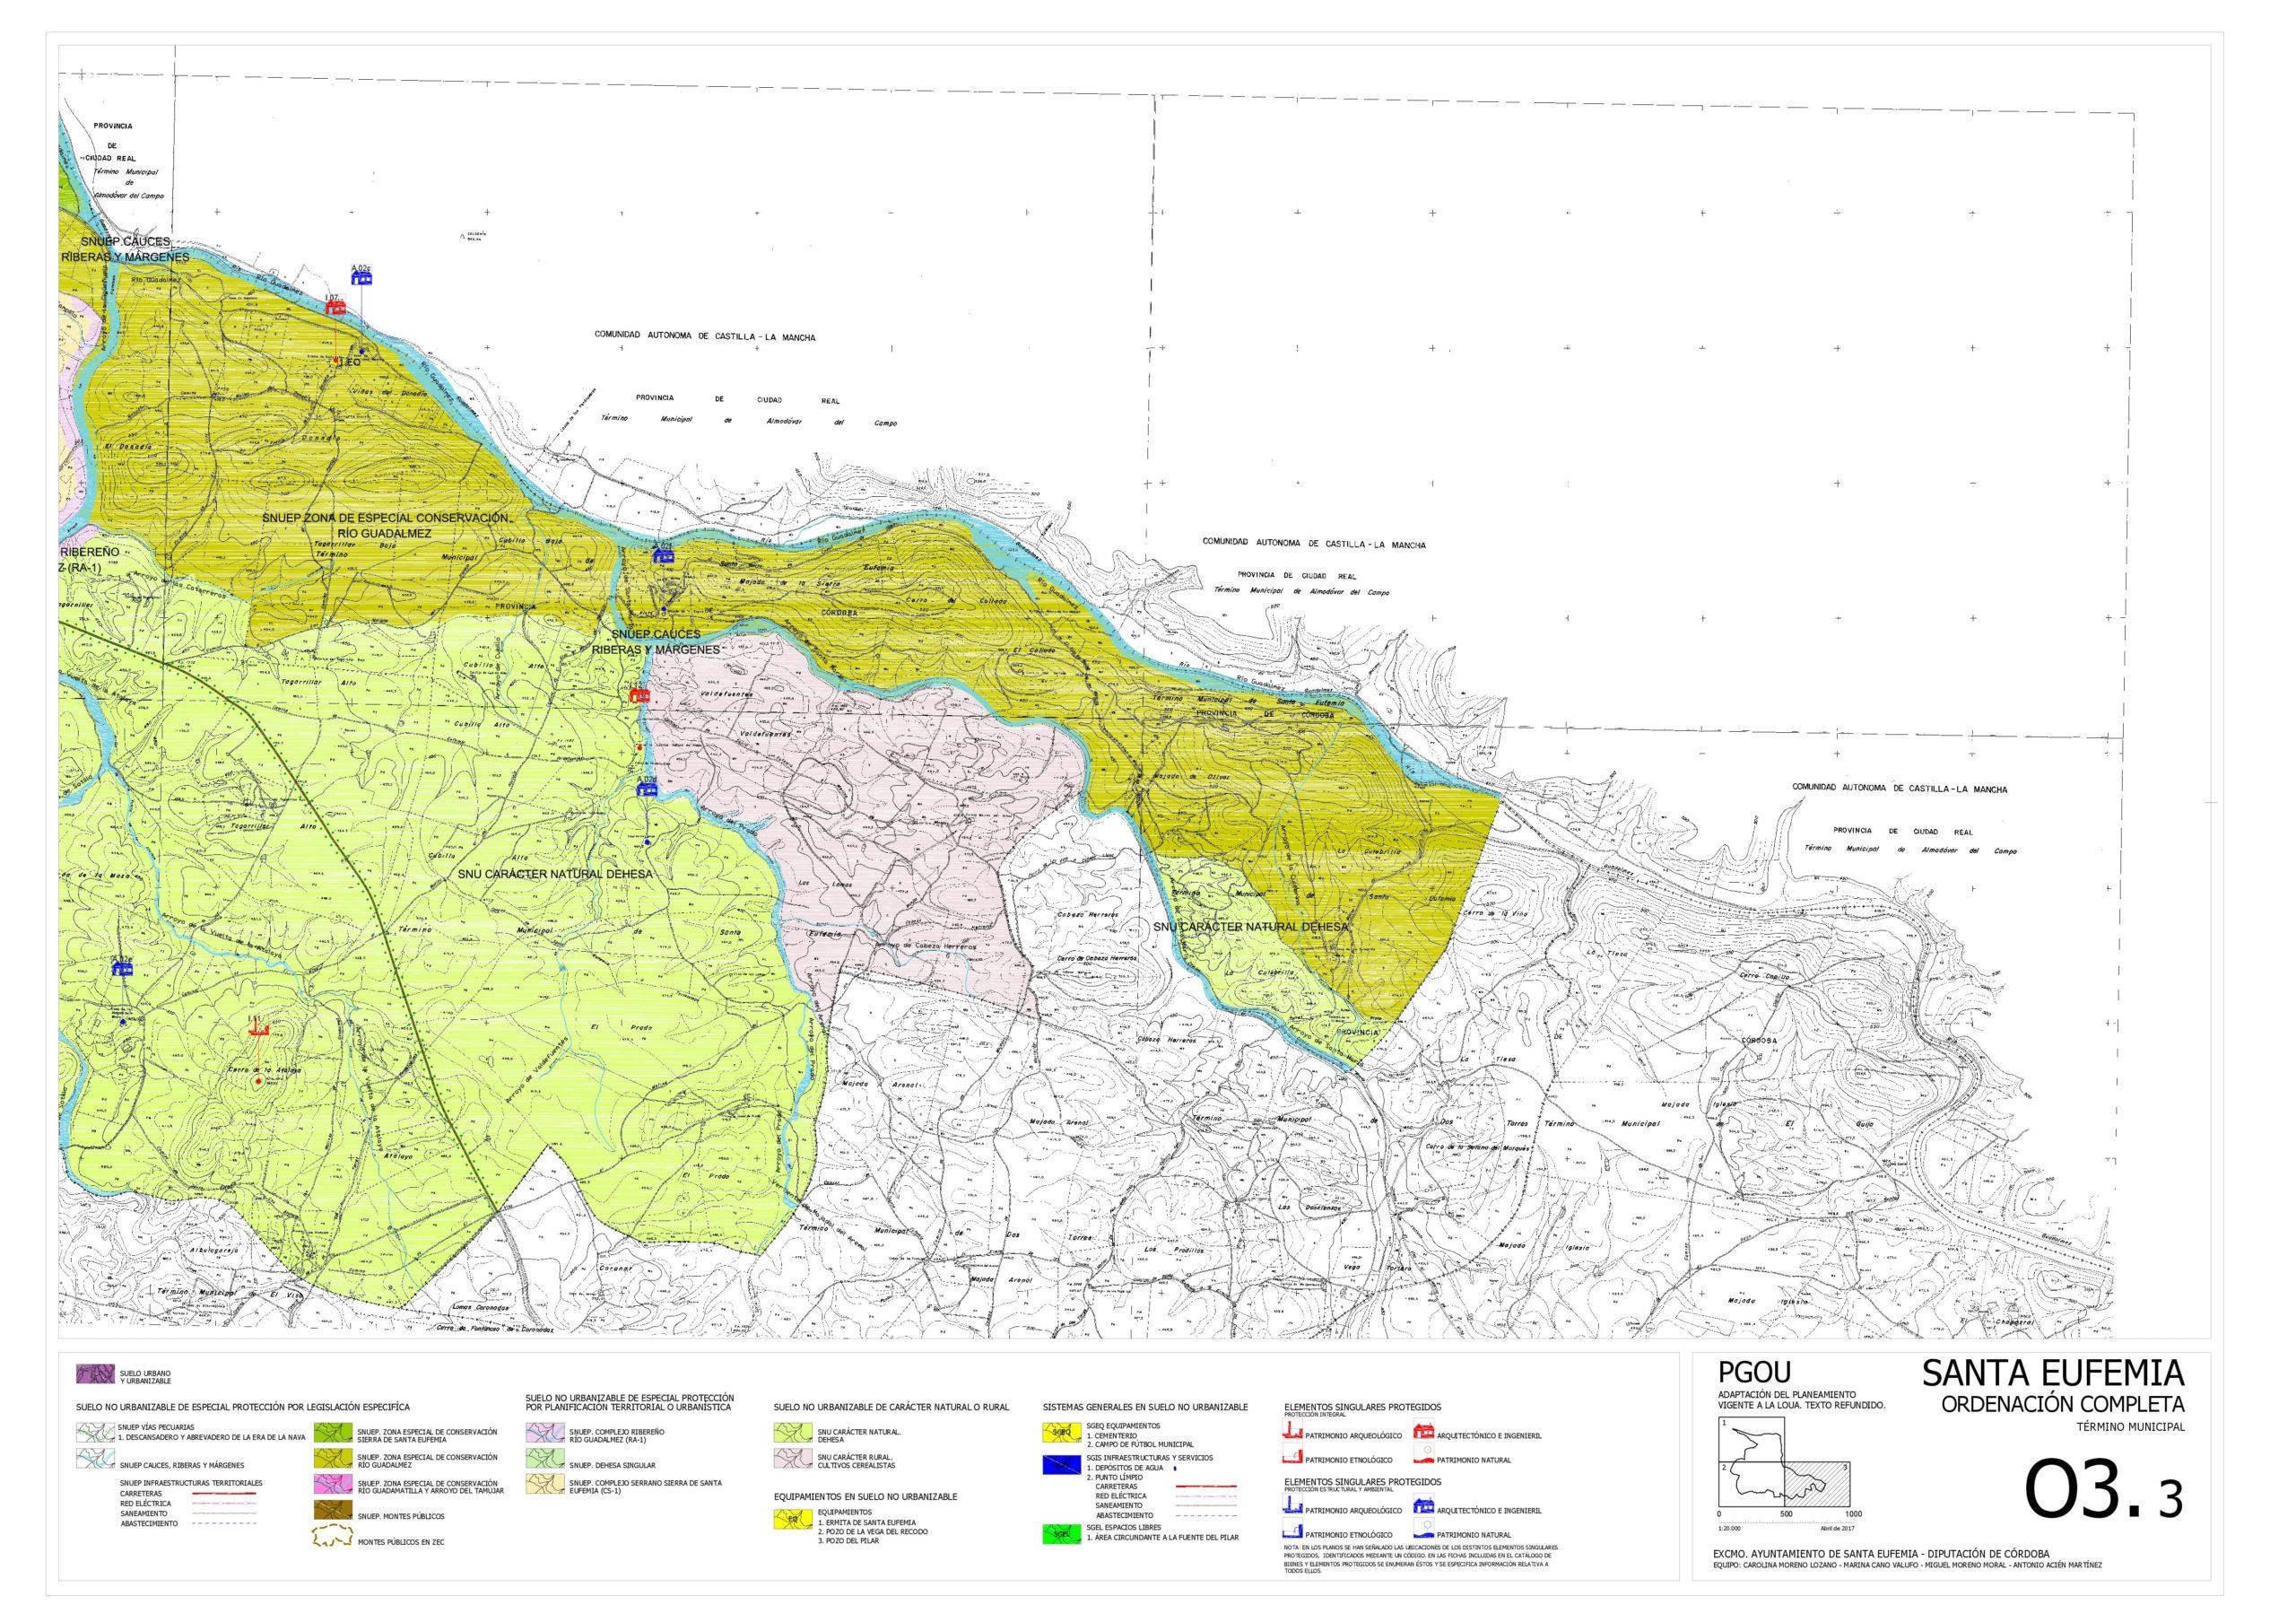 Transparencia en materias de urbanismo, obras públicas y medio ambiente 11